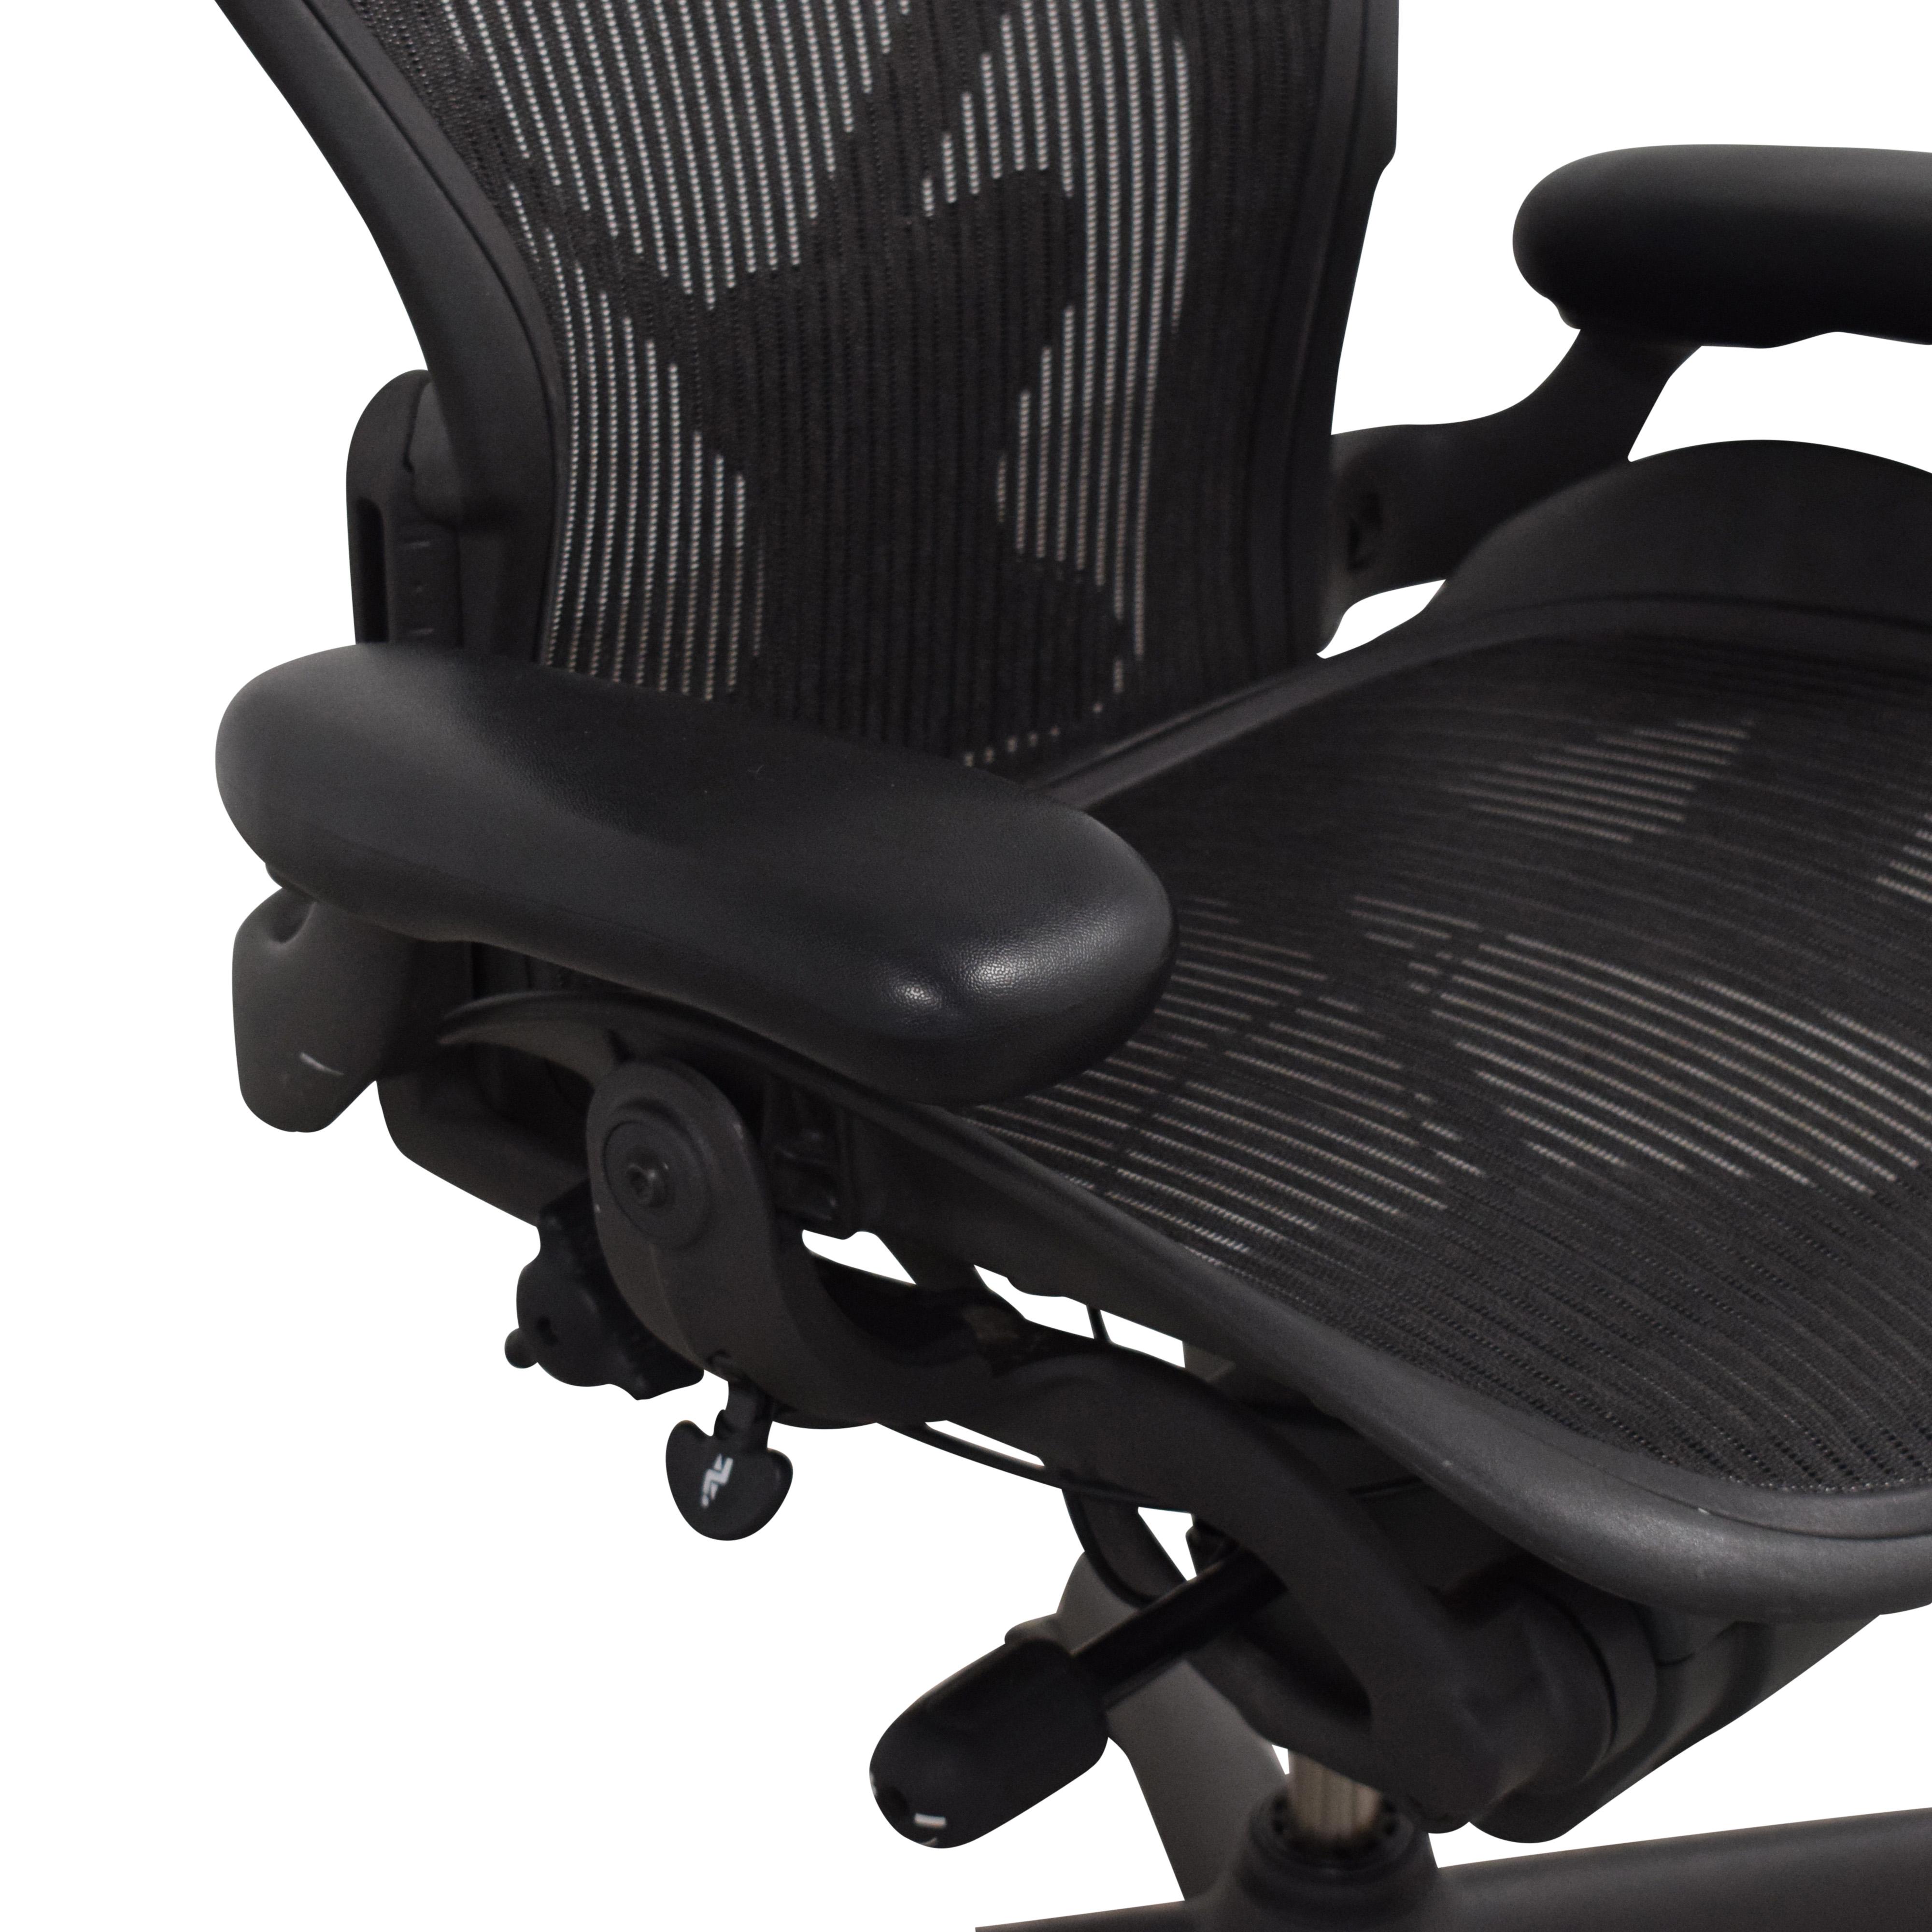 Herman Miller Herman Miller Size B Aeron Chair price